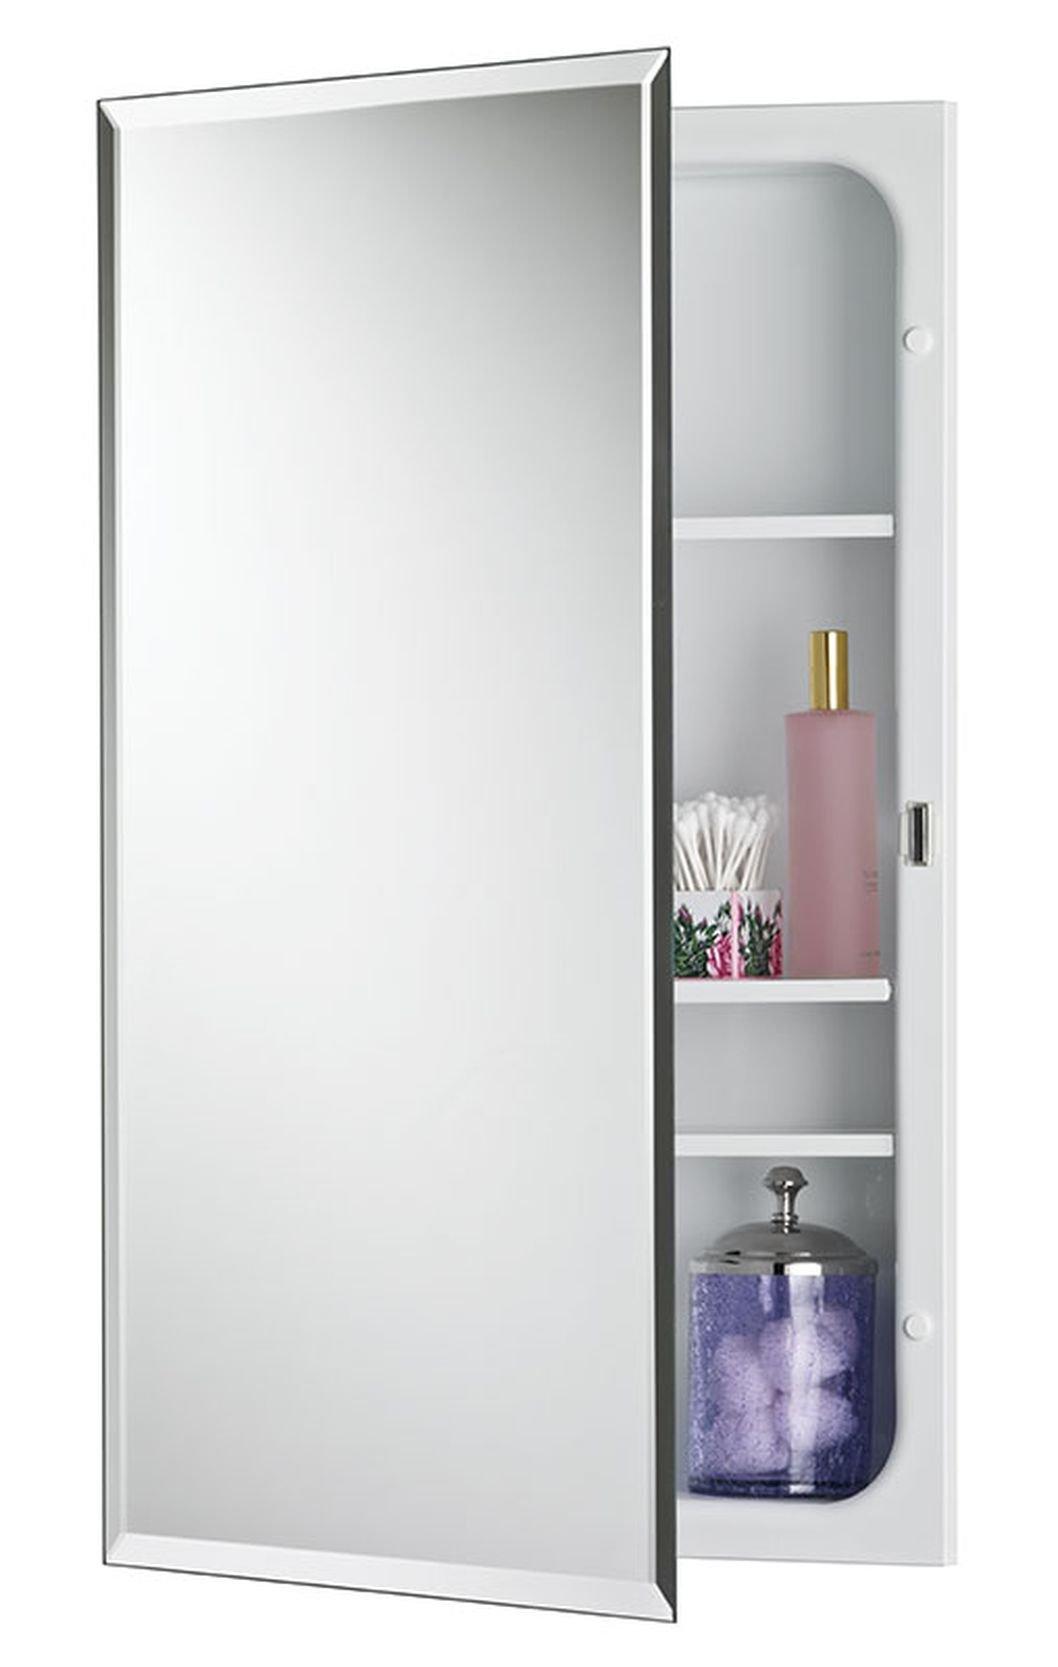 Jensen 1459MODX Bevel Mirror Medicine Cabinet, 16'' x 26'' by Jensen